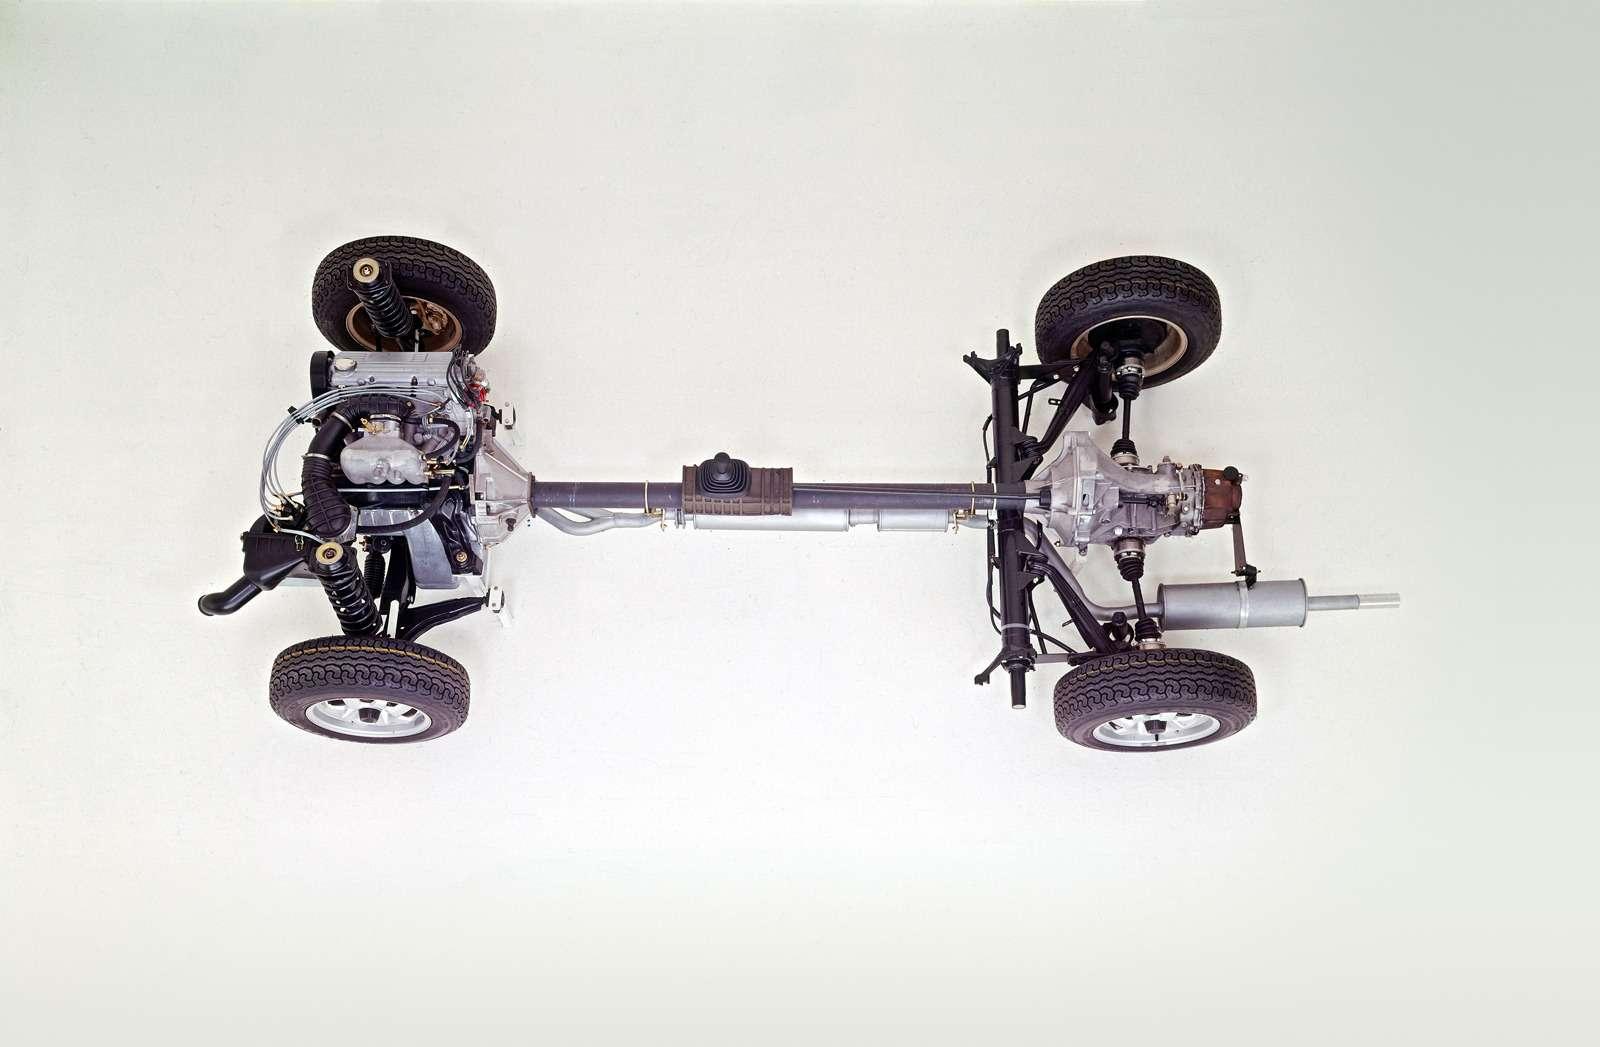 Глубокий TRANSaxle: отмечаем 40-летие Porsche классической компоновки— фото 605443